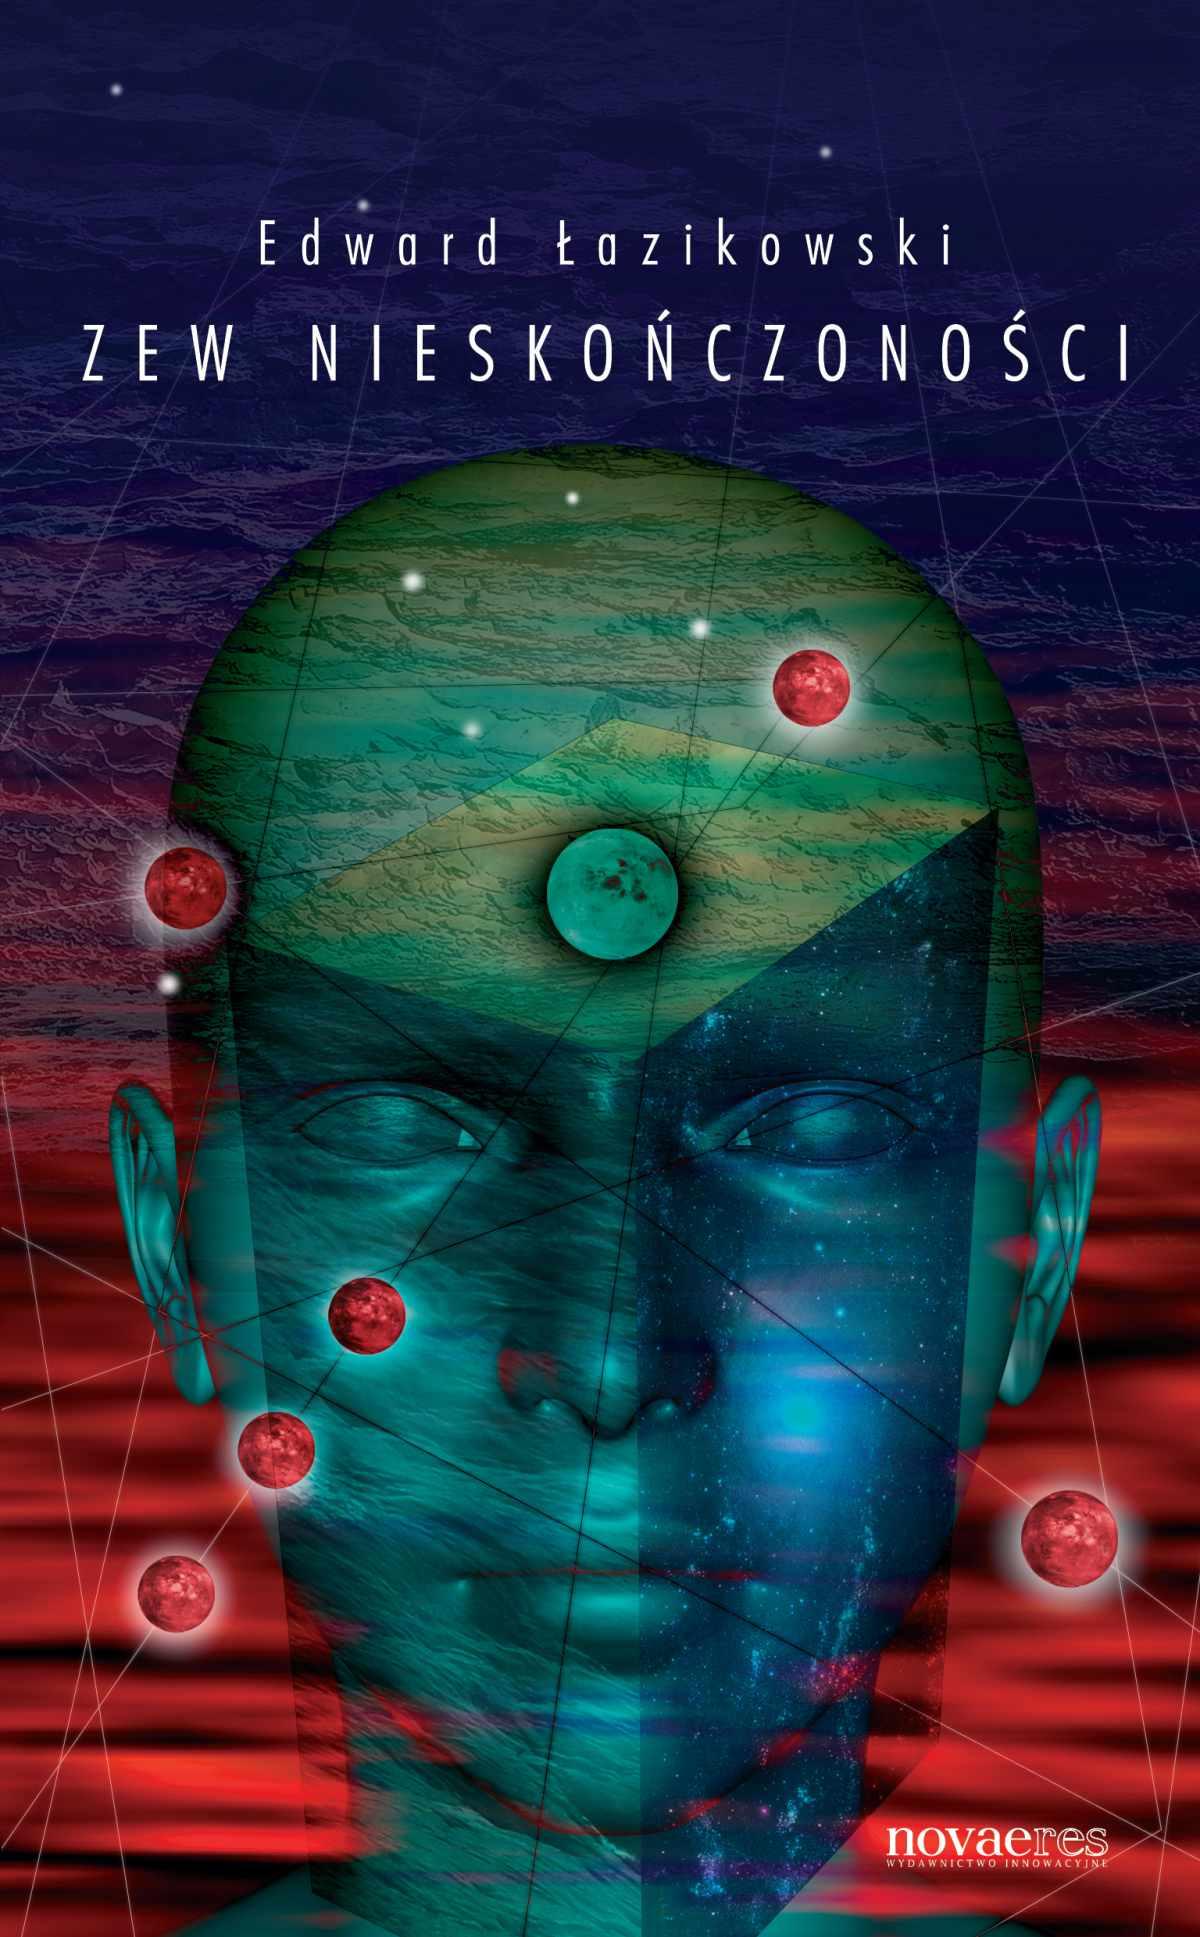 Zew nieskończoności - Ebook (Książka EPUB) do pobrania w formacie EPUB